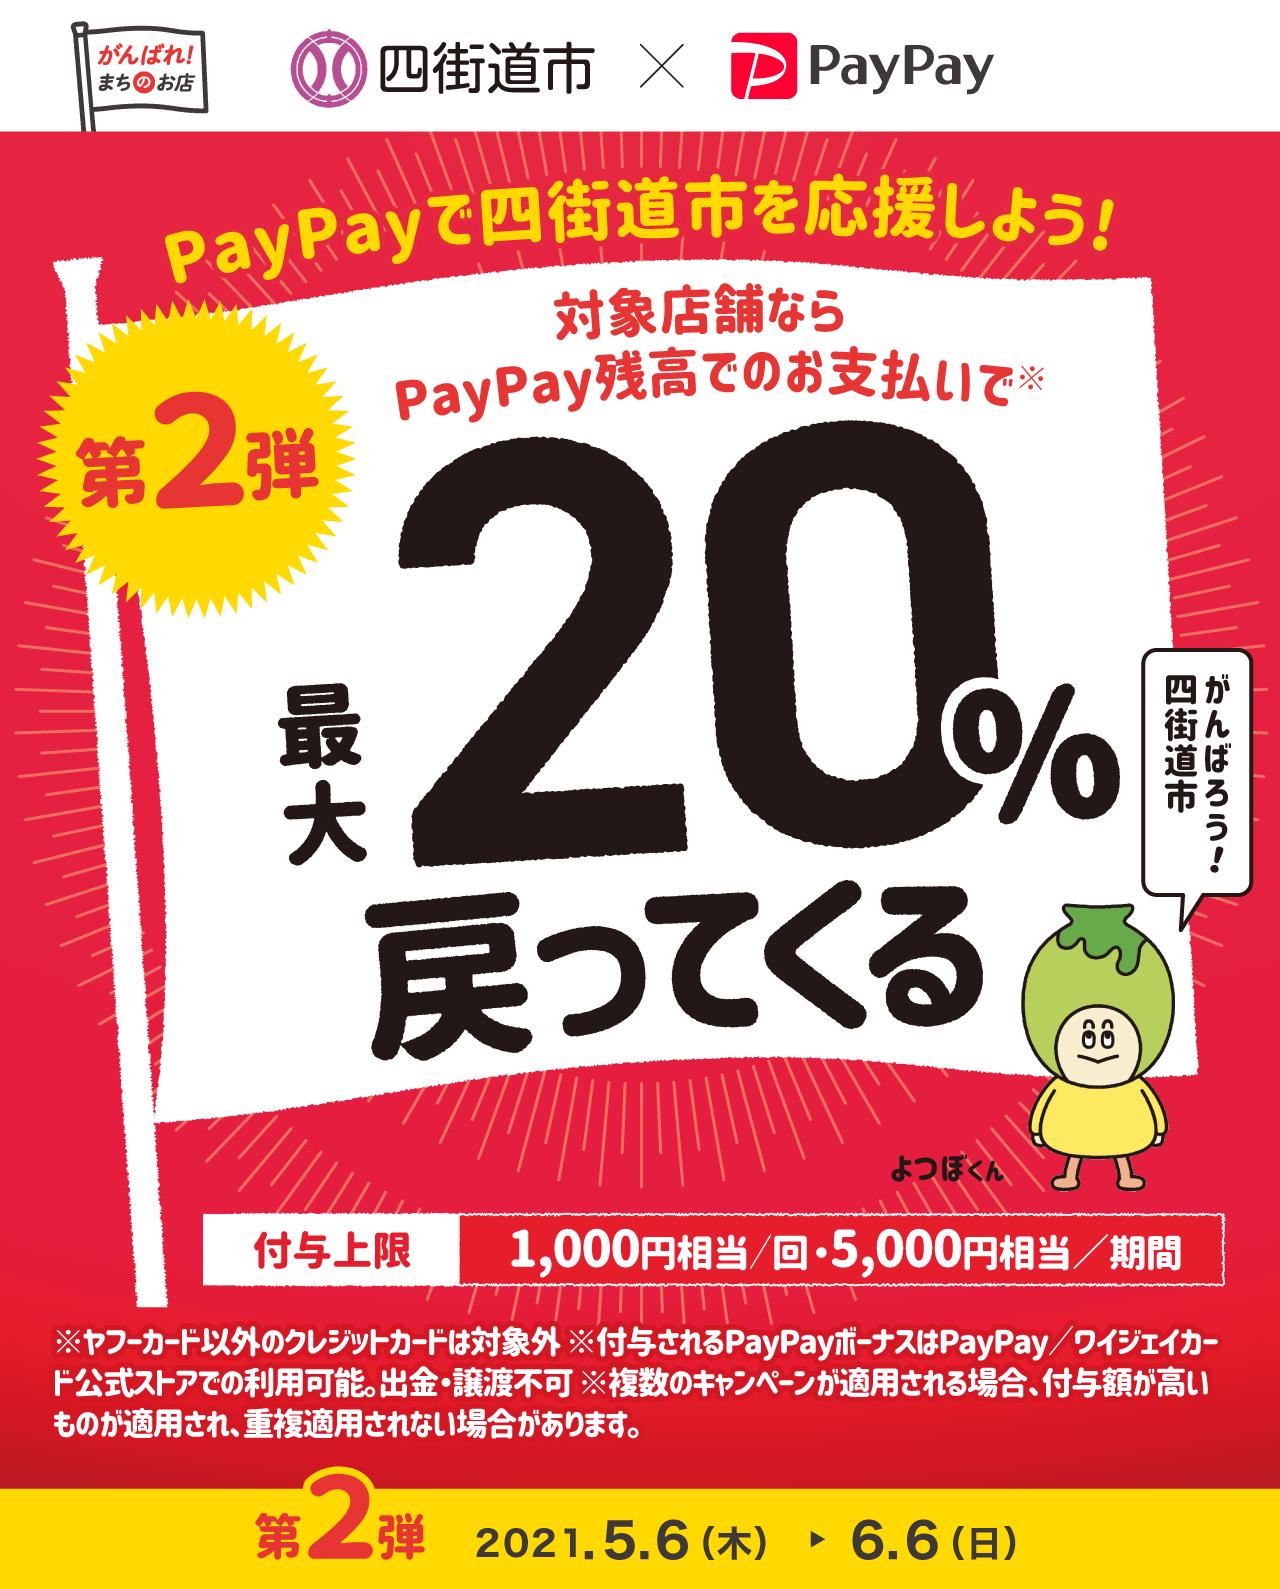 PayPayで四街道市を応援しよう! 第2弾 対象店舗ならPayPay残高でのお支払いで最大20%戻ってくる